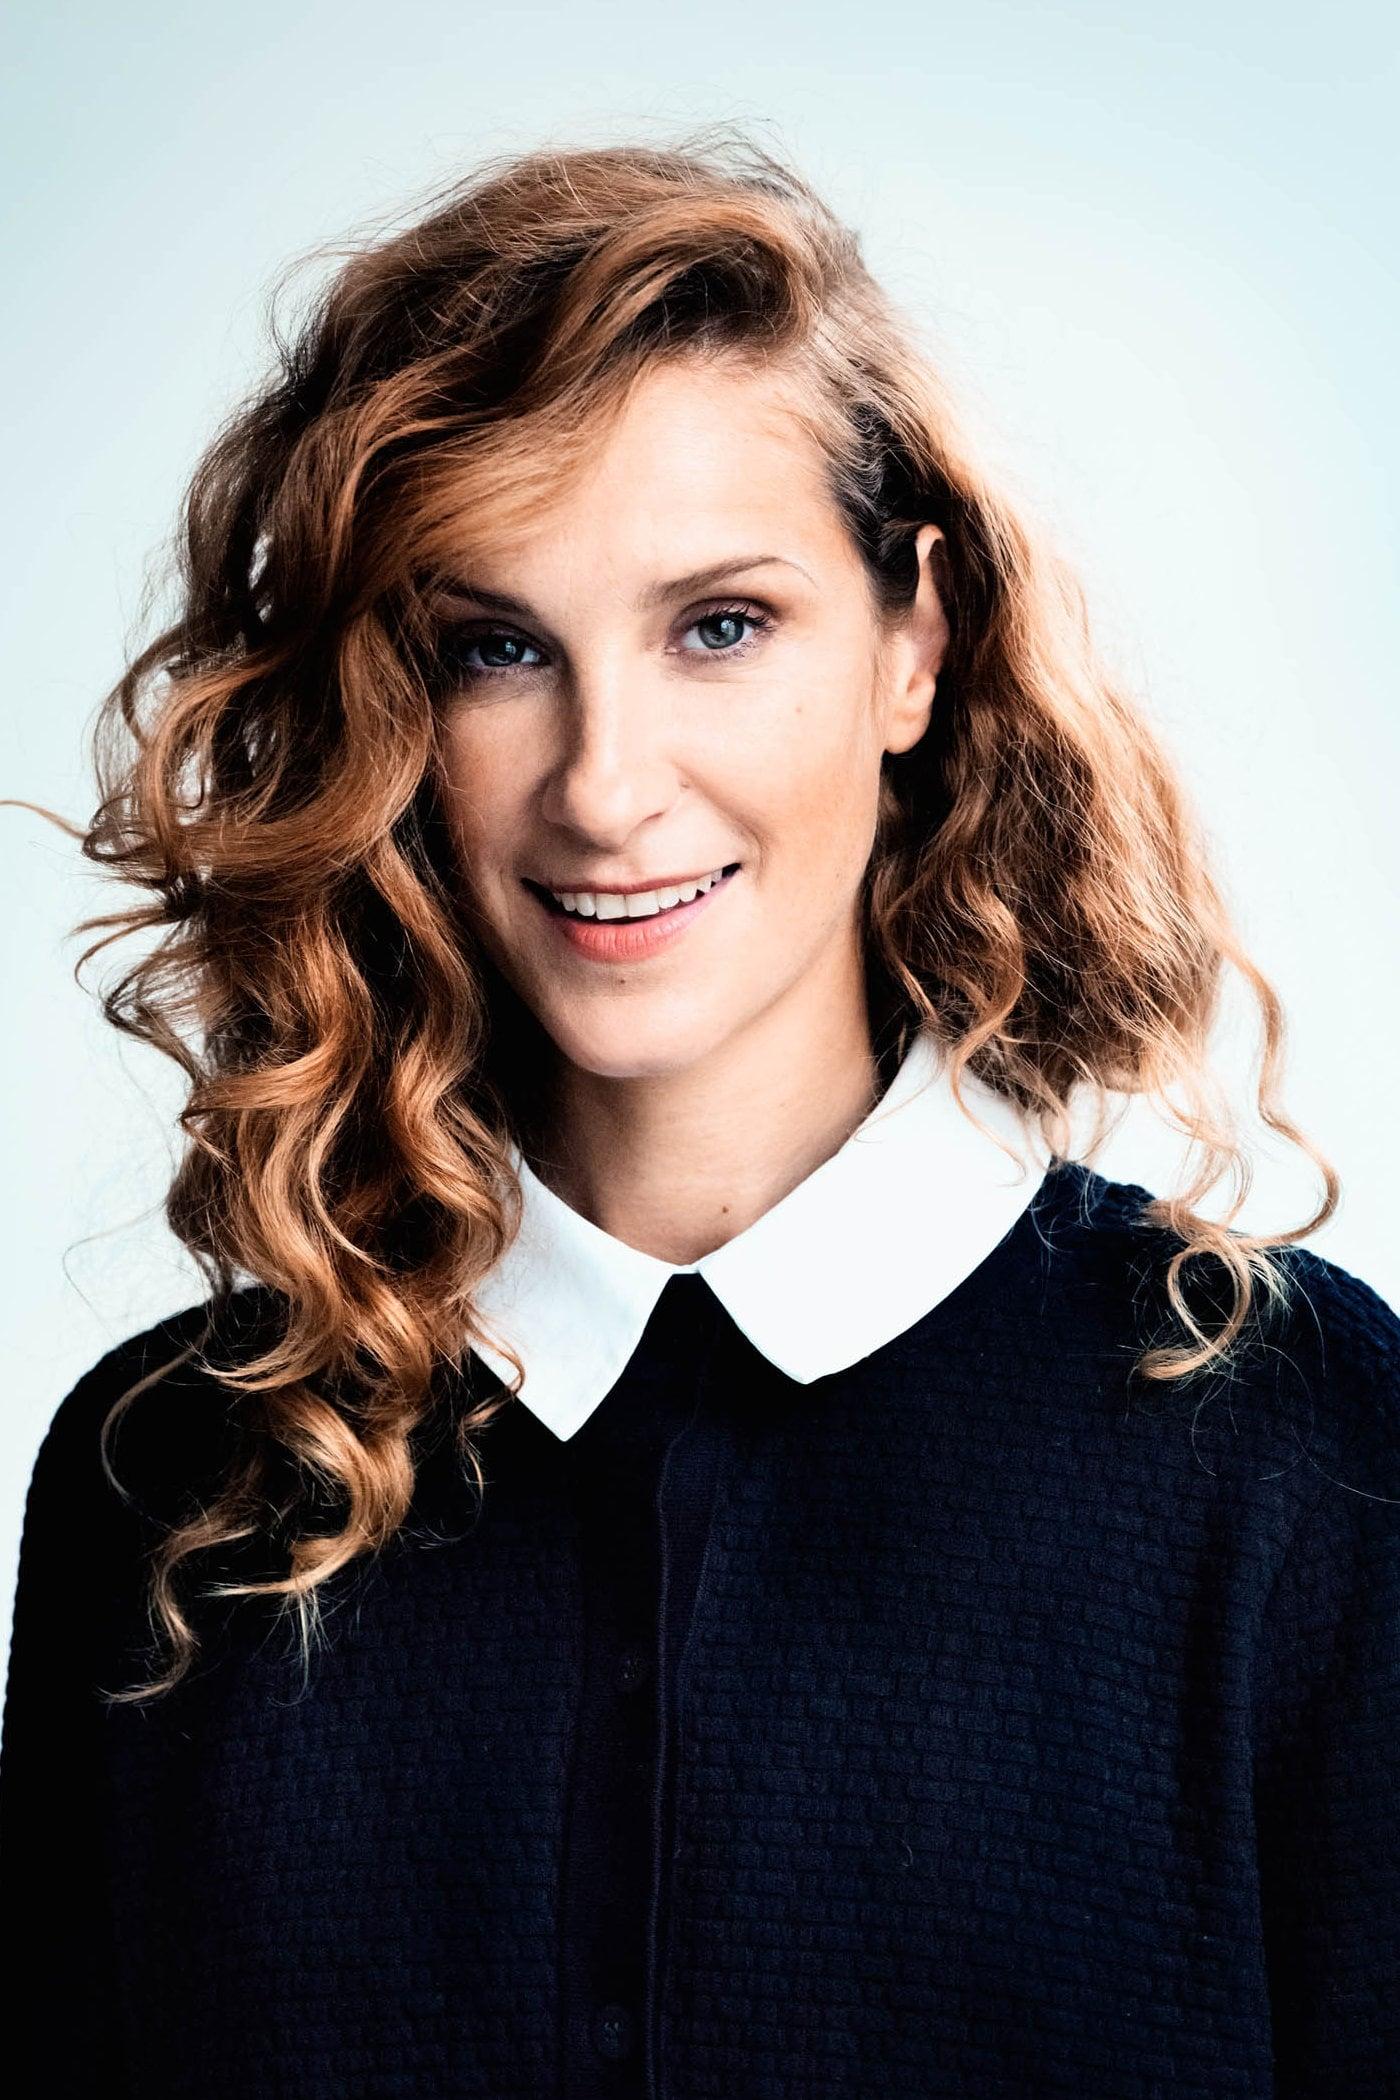 Chiara Schoras